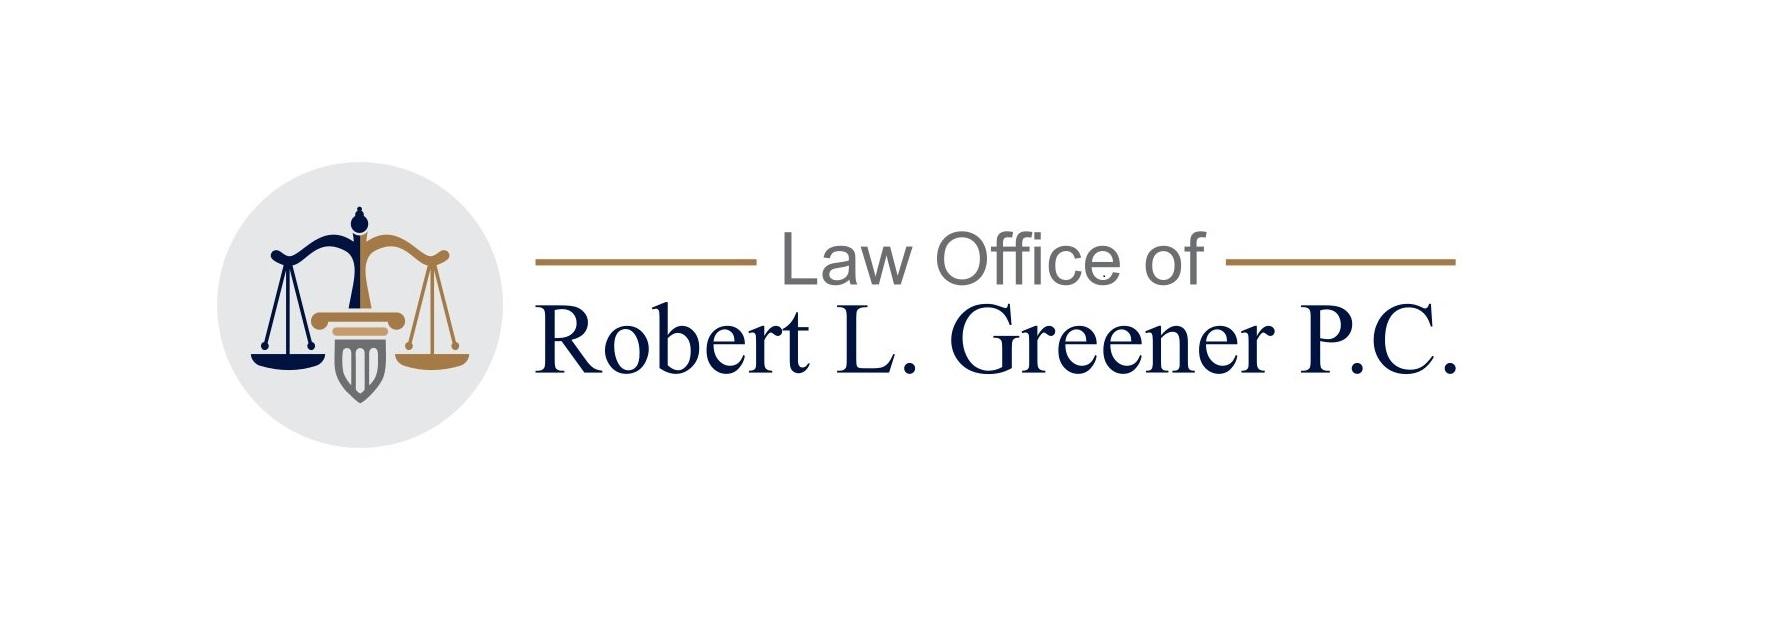 Law Office of Robert L. Greener PC (@greenerlegal) Cover Image